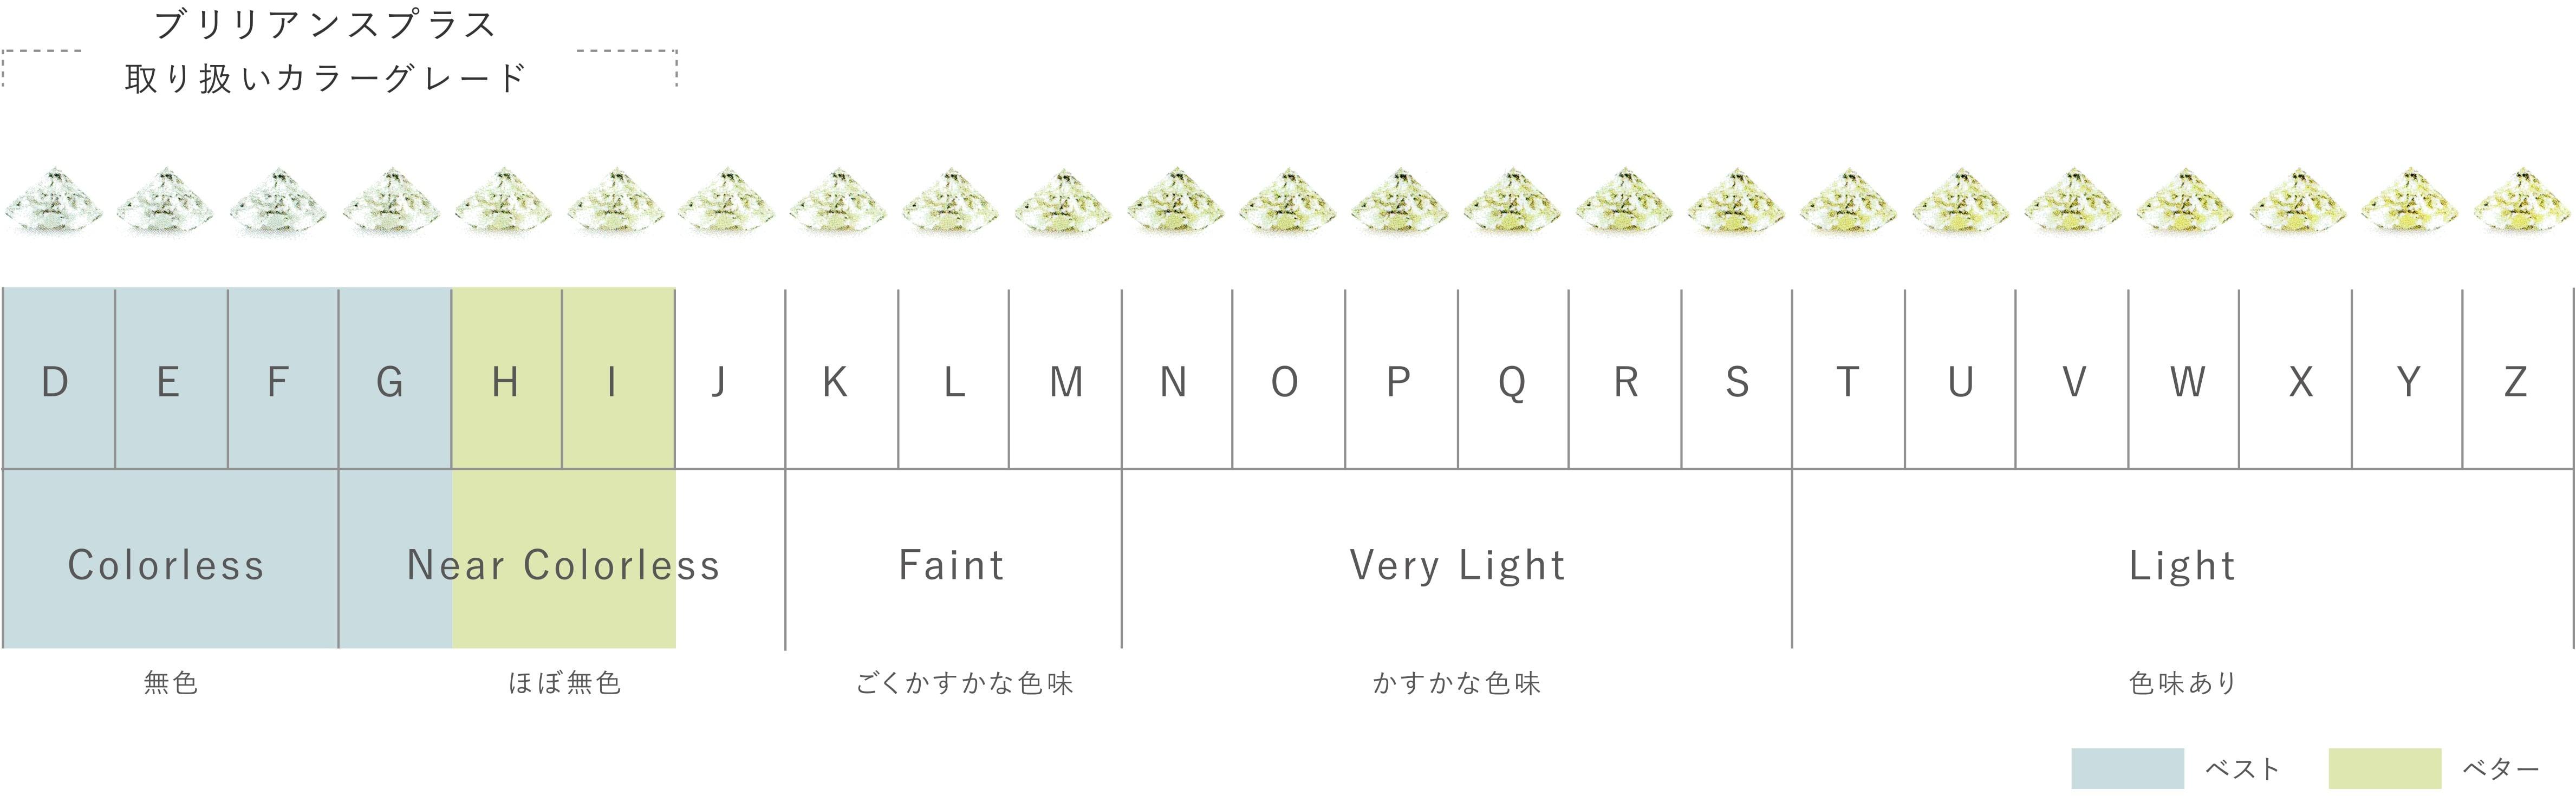 ダイヤモンド カラーグレード表